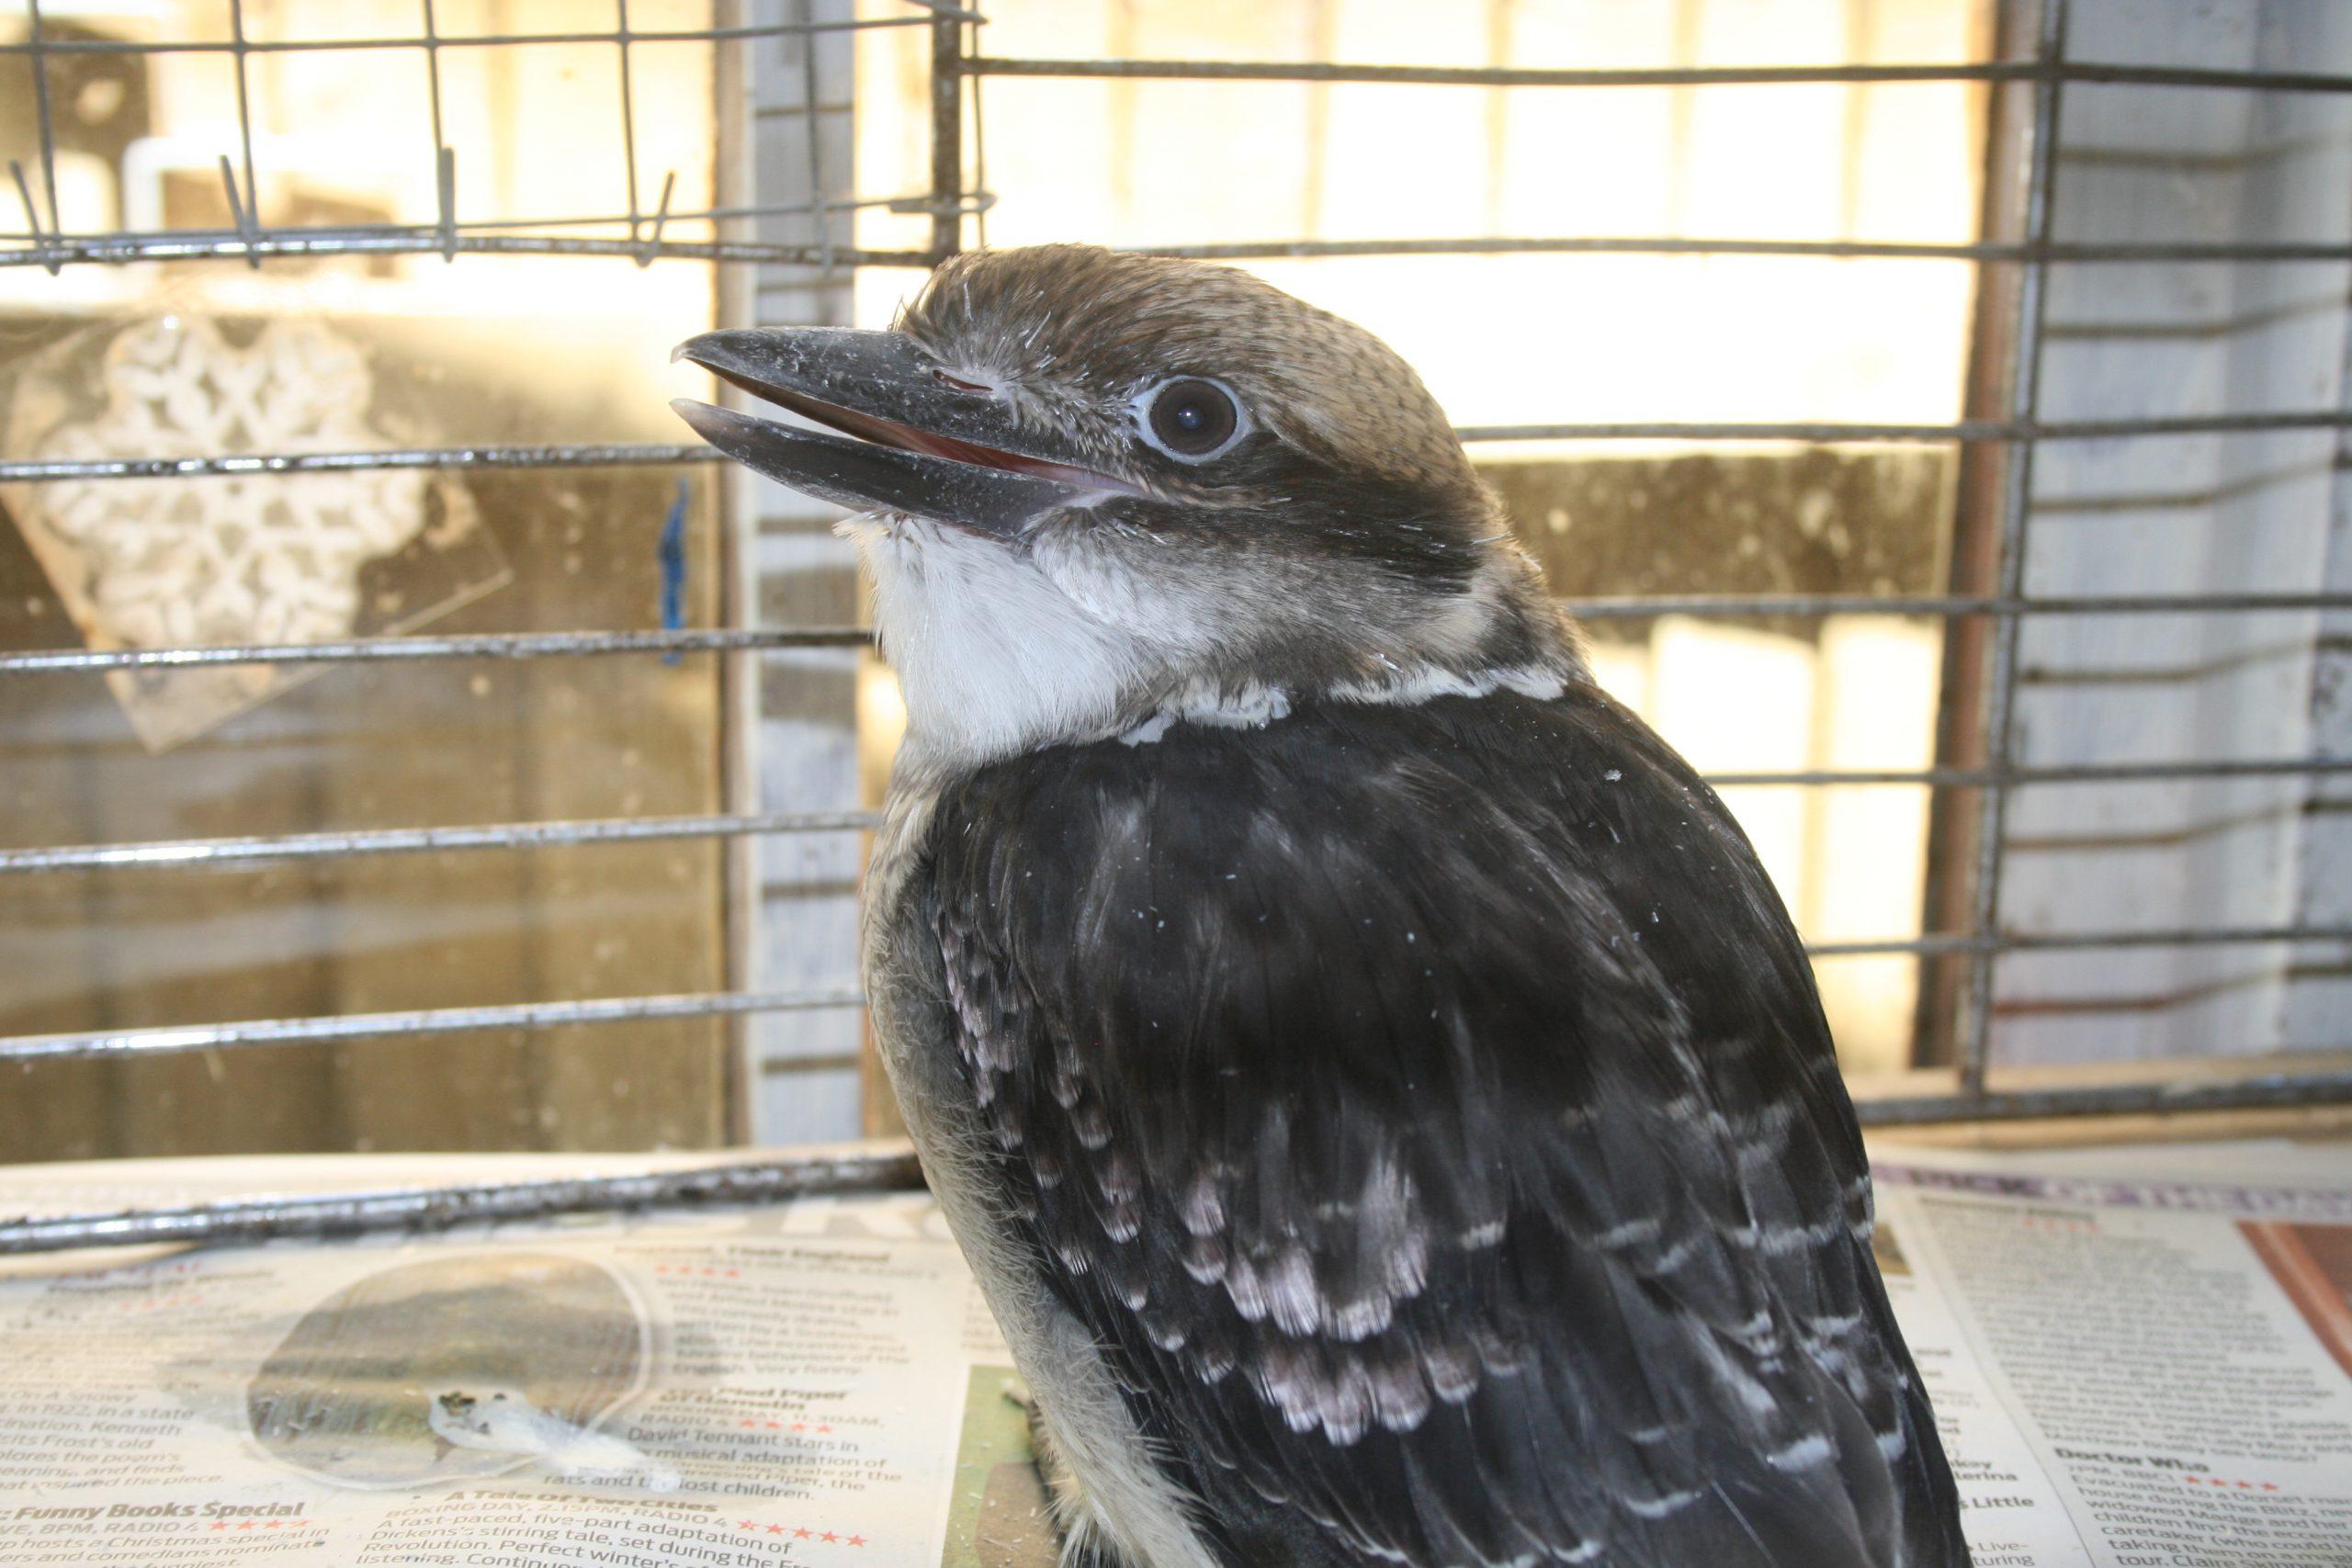 Kookaburra 2013 18 2 scaled - Week 30 - In the News